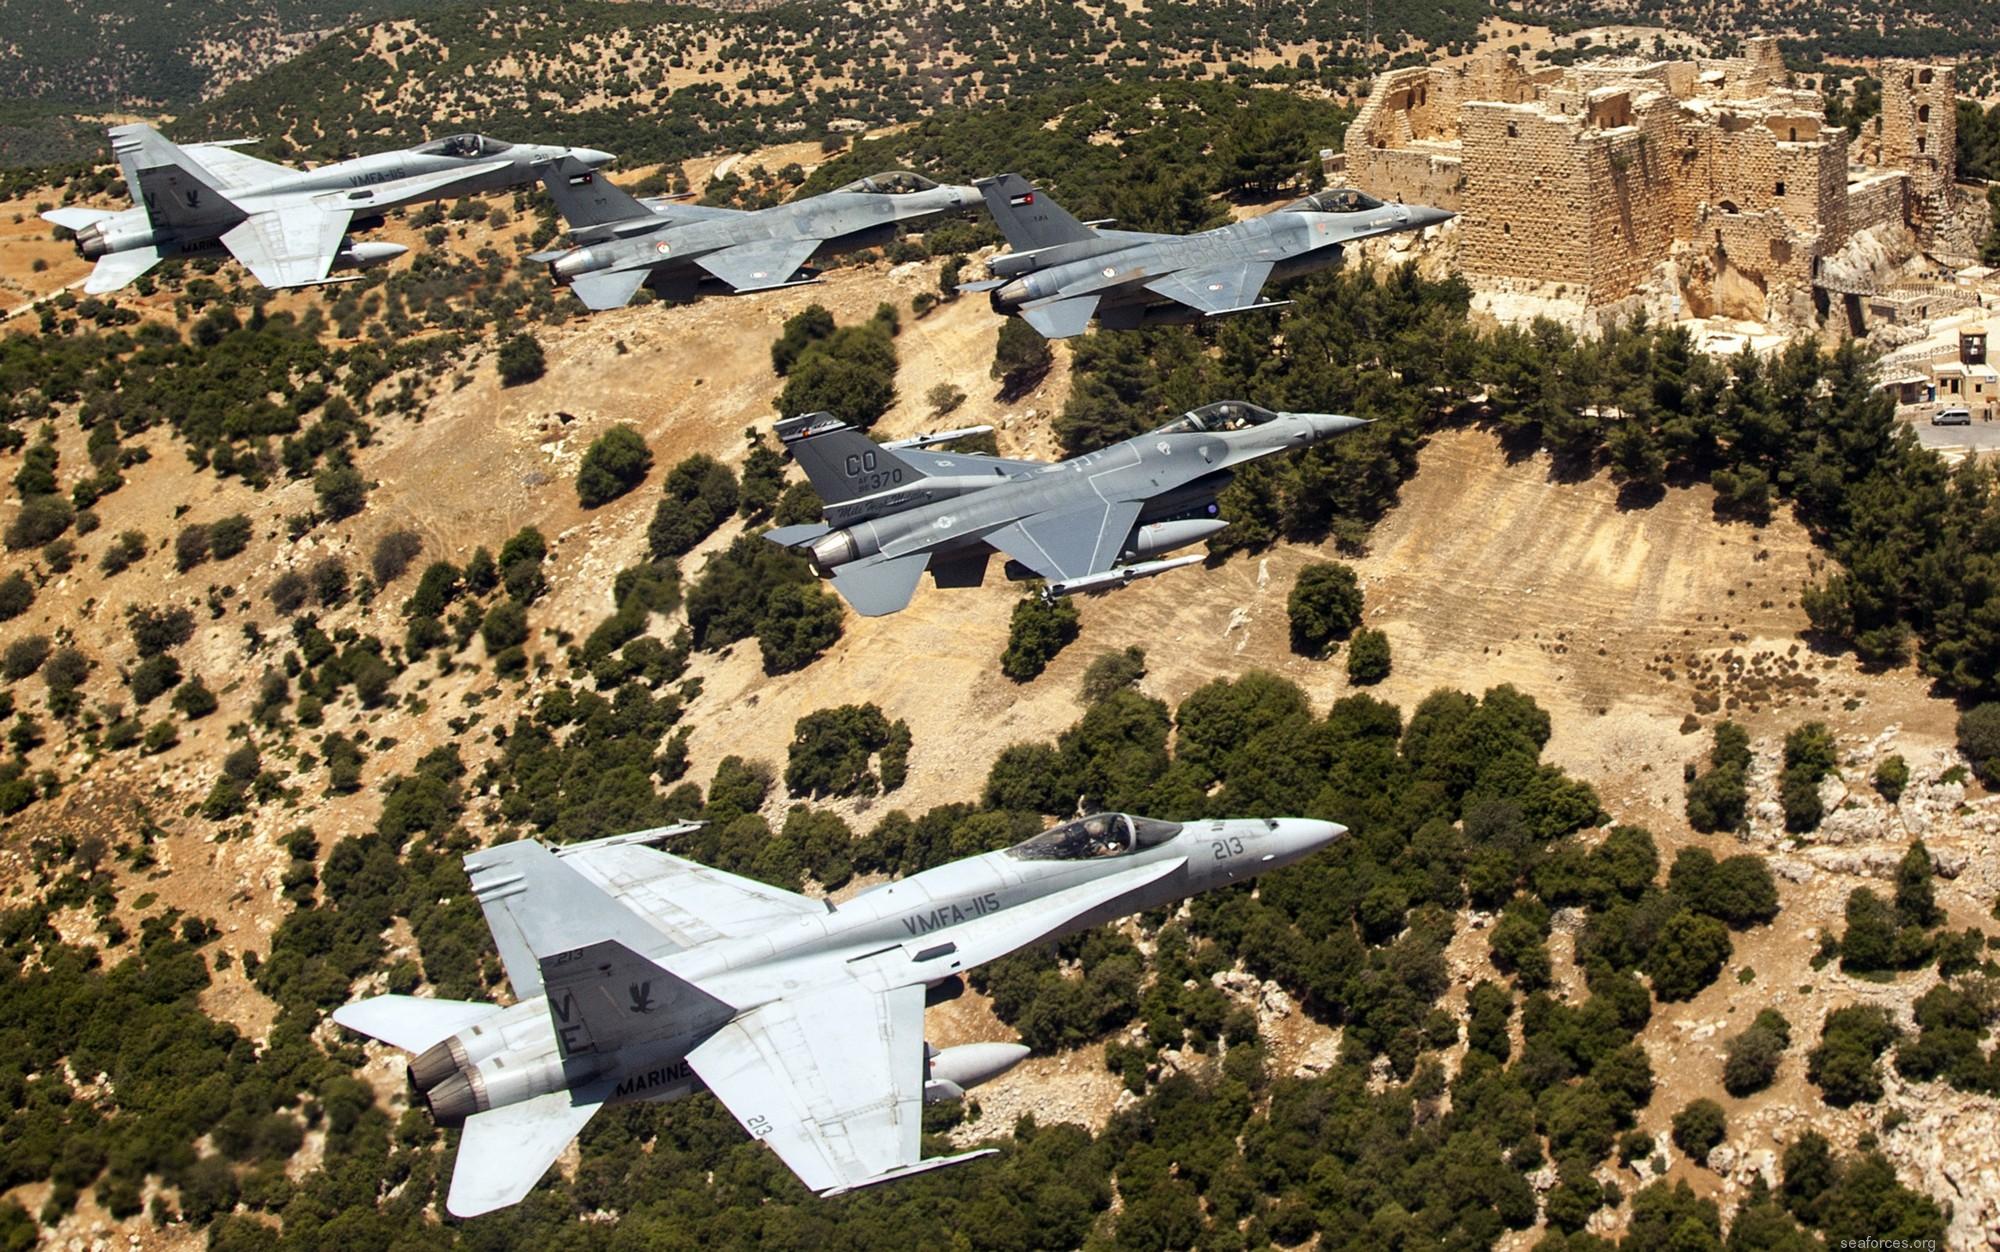 VMFA-115 Silver Eagles Marine Fighter Attack Squadron F/A-18 Hornet